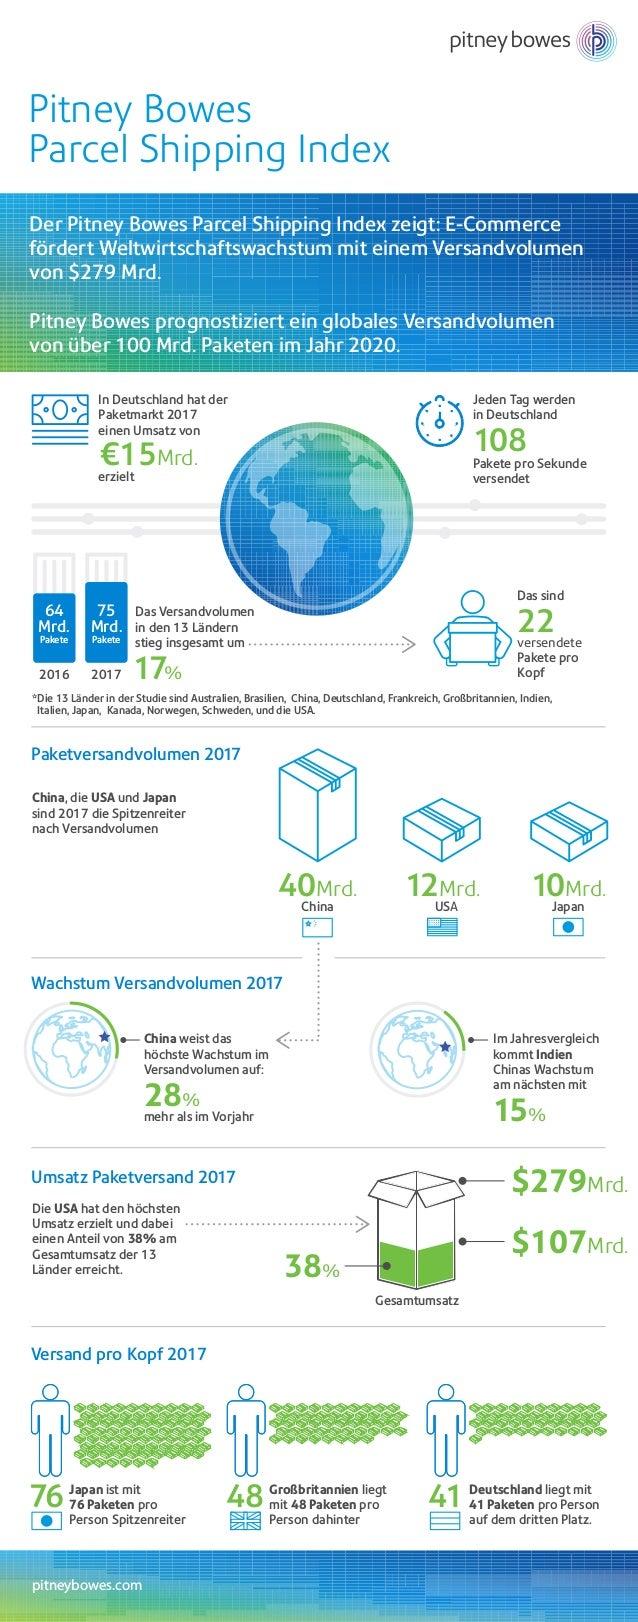 pitneybowes.com Pitney Bowes Parcel Shipping Index *Die 13 Länder in der Studie sind Australien, Brasilien, China, Deutsch...